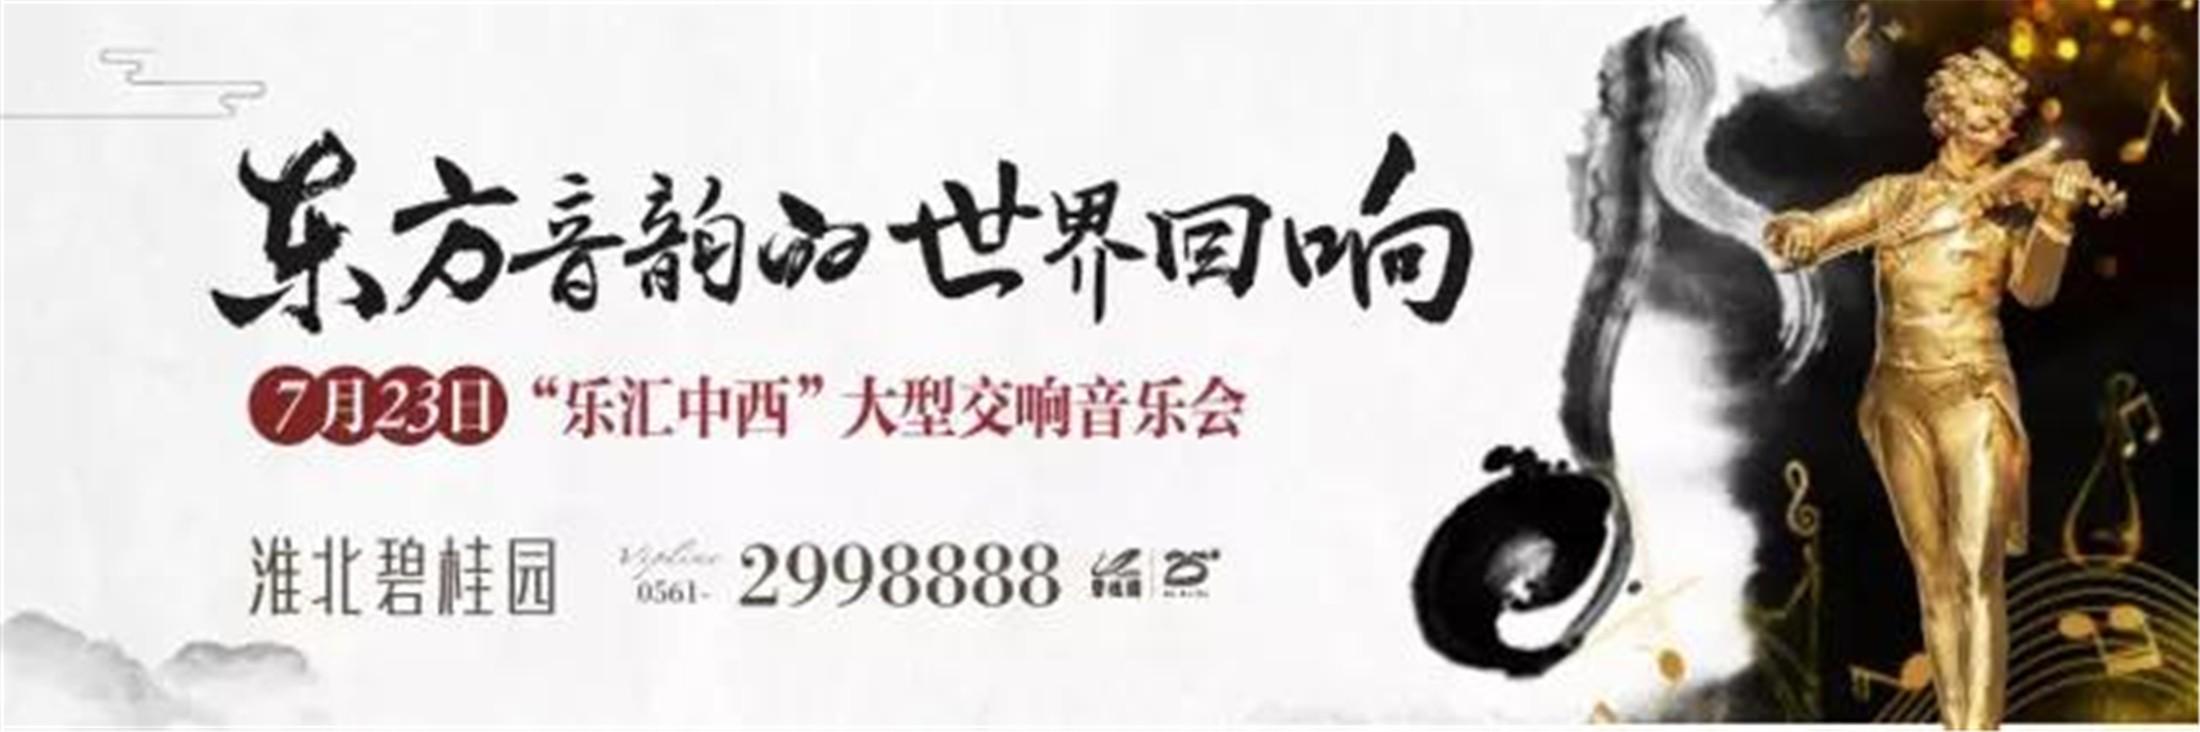 """【淮北碧桂园】""""乐汇中西""""大型交响音乐会圆满落幕"""